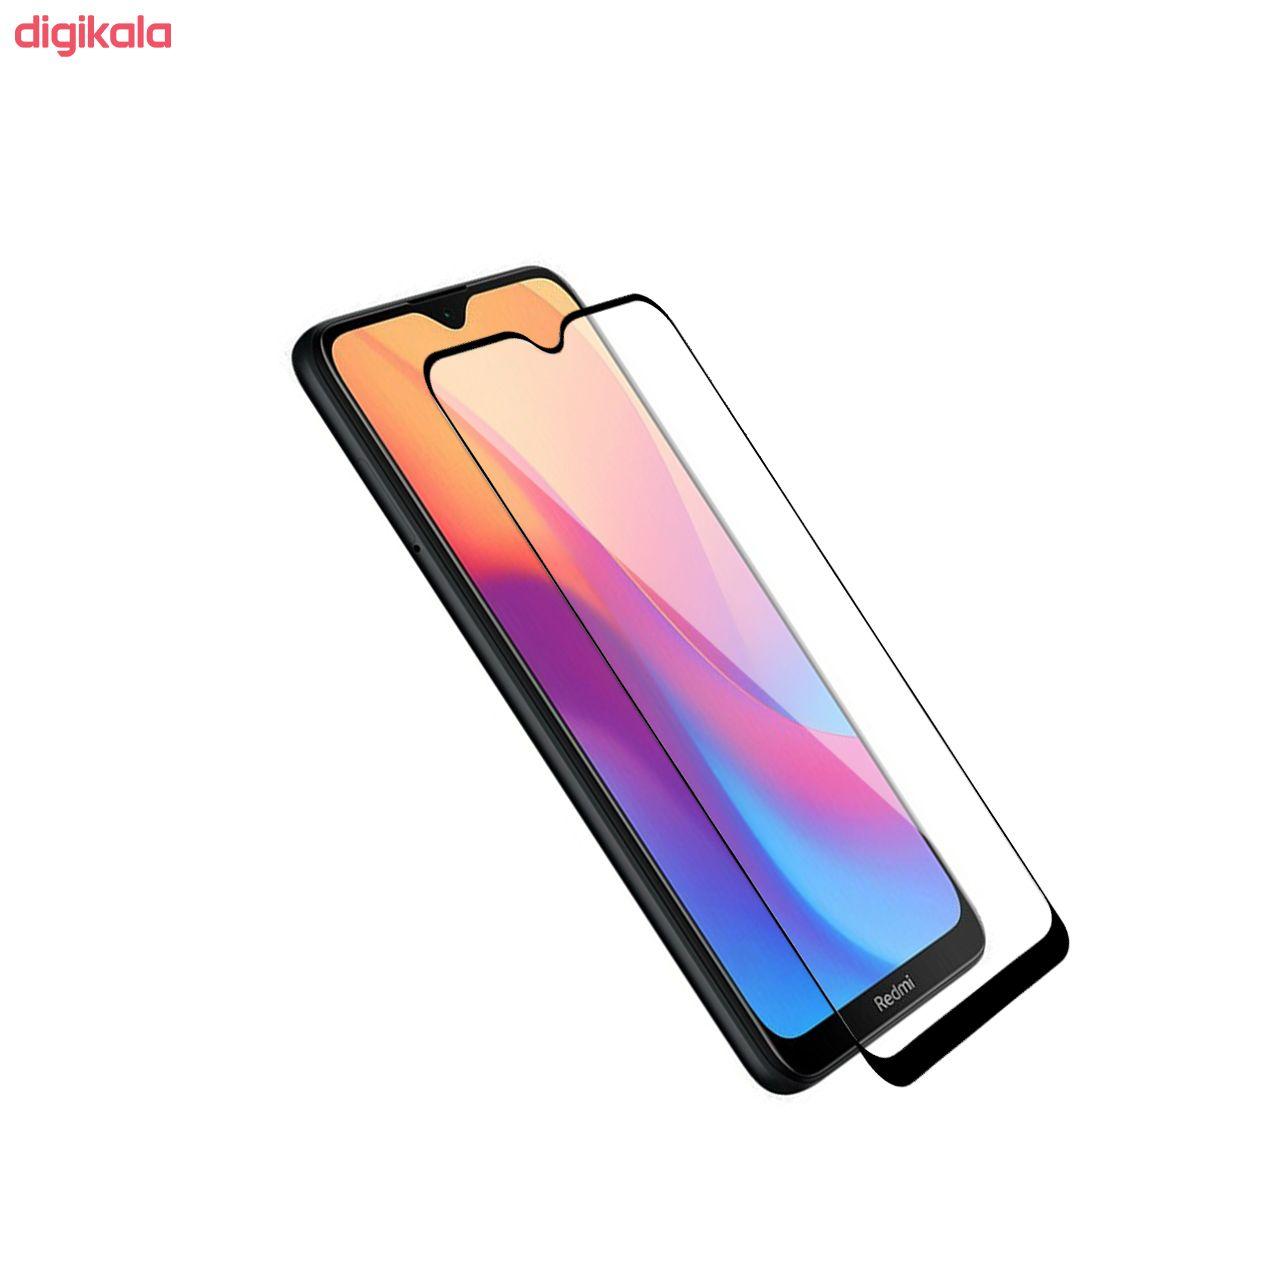 محافظ صفحه نمایش سیحان مدل FG مناسب برای گوشی موبایل شیائومی Redmi 9 main 1 2